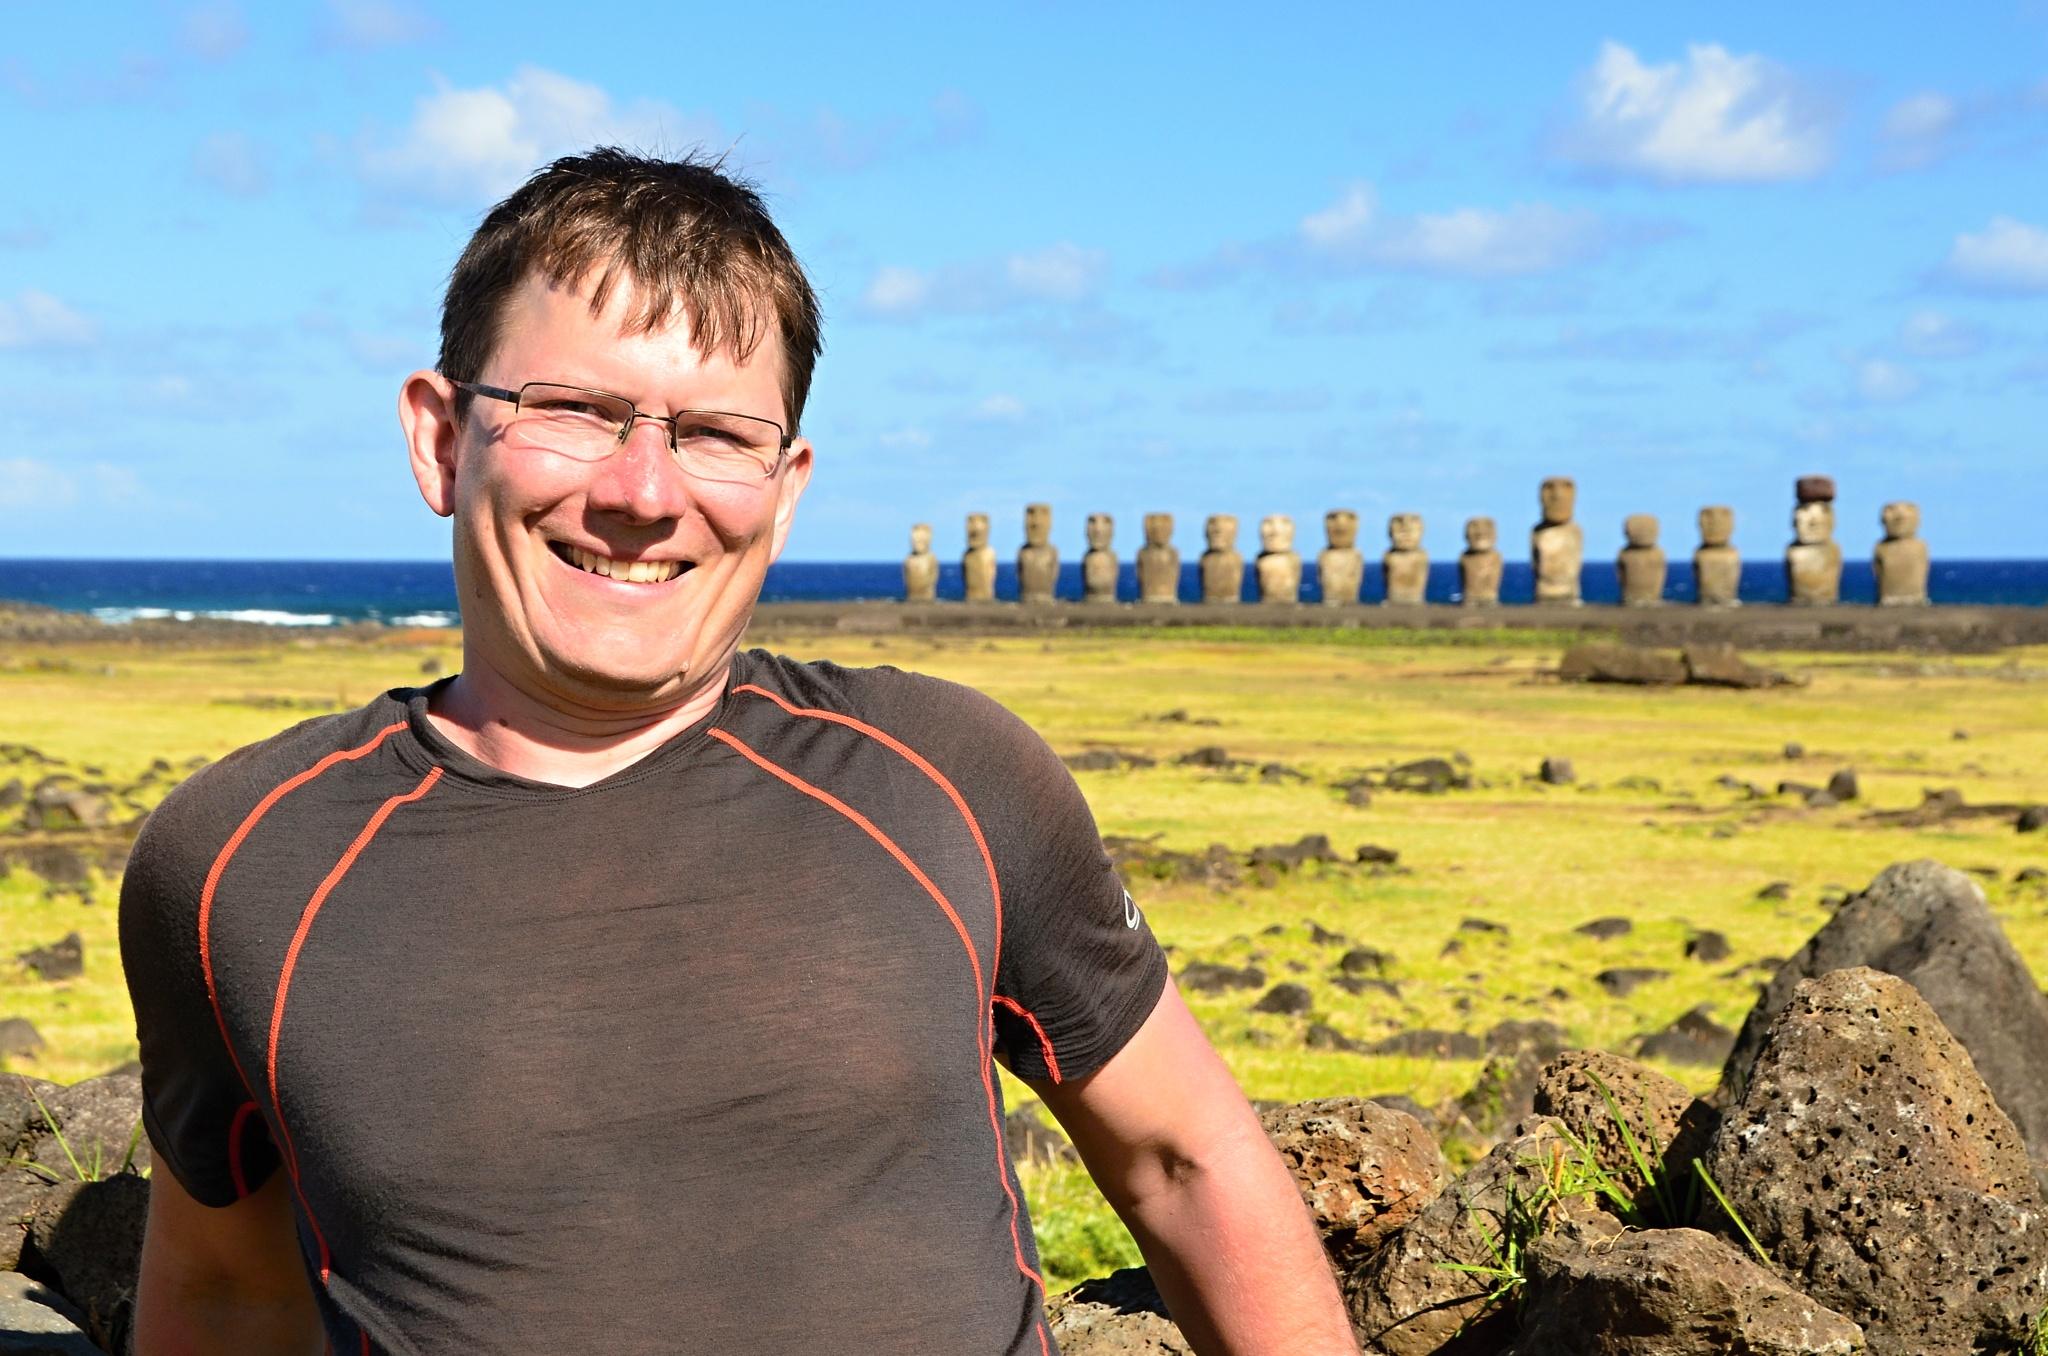 Já a za mnou 15 Moai na místě Ahu Tongariki